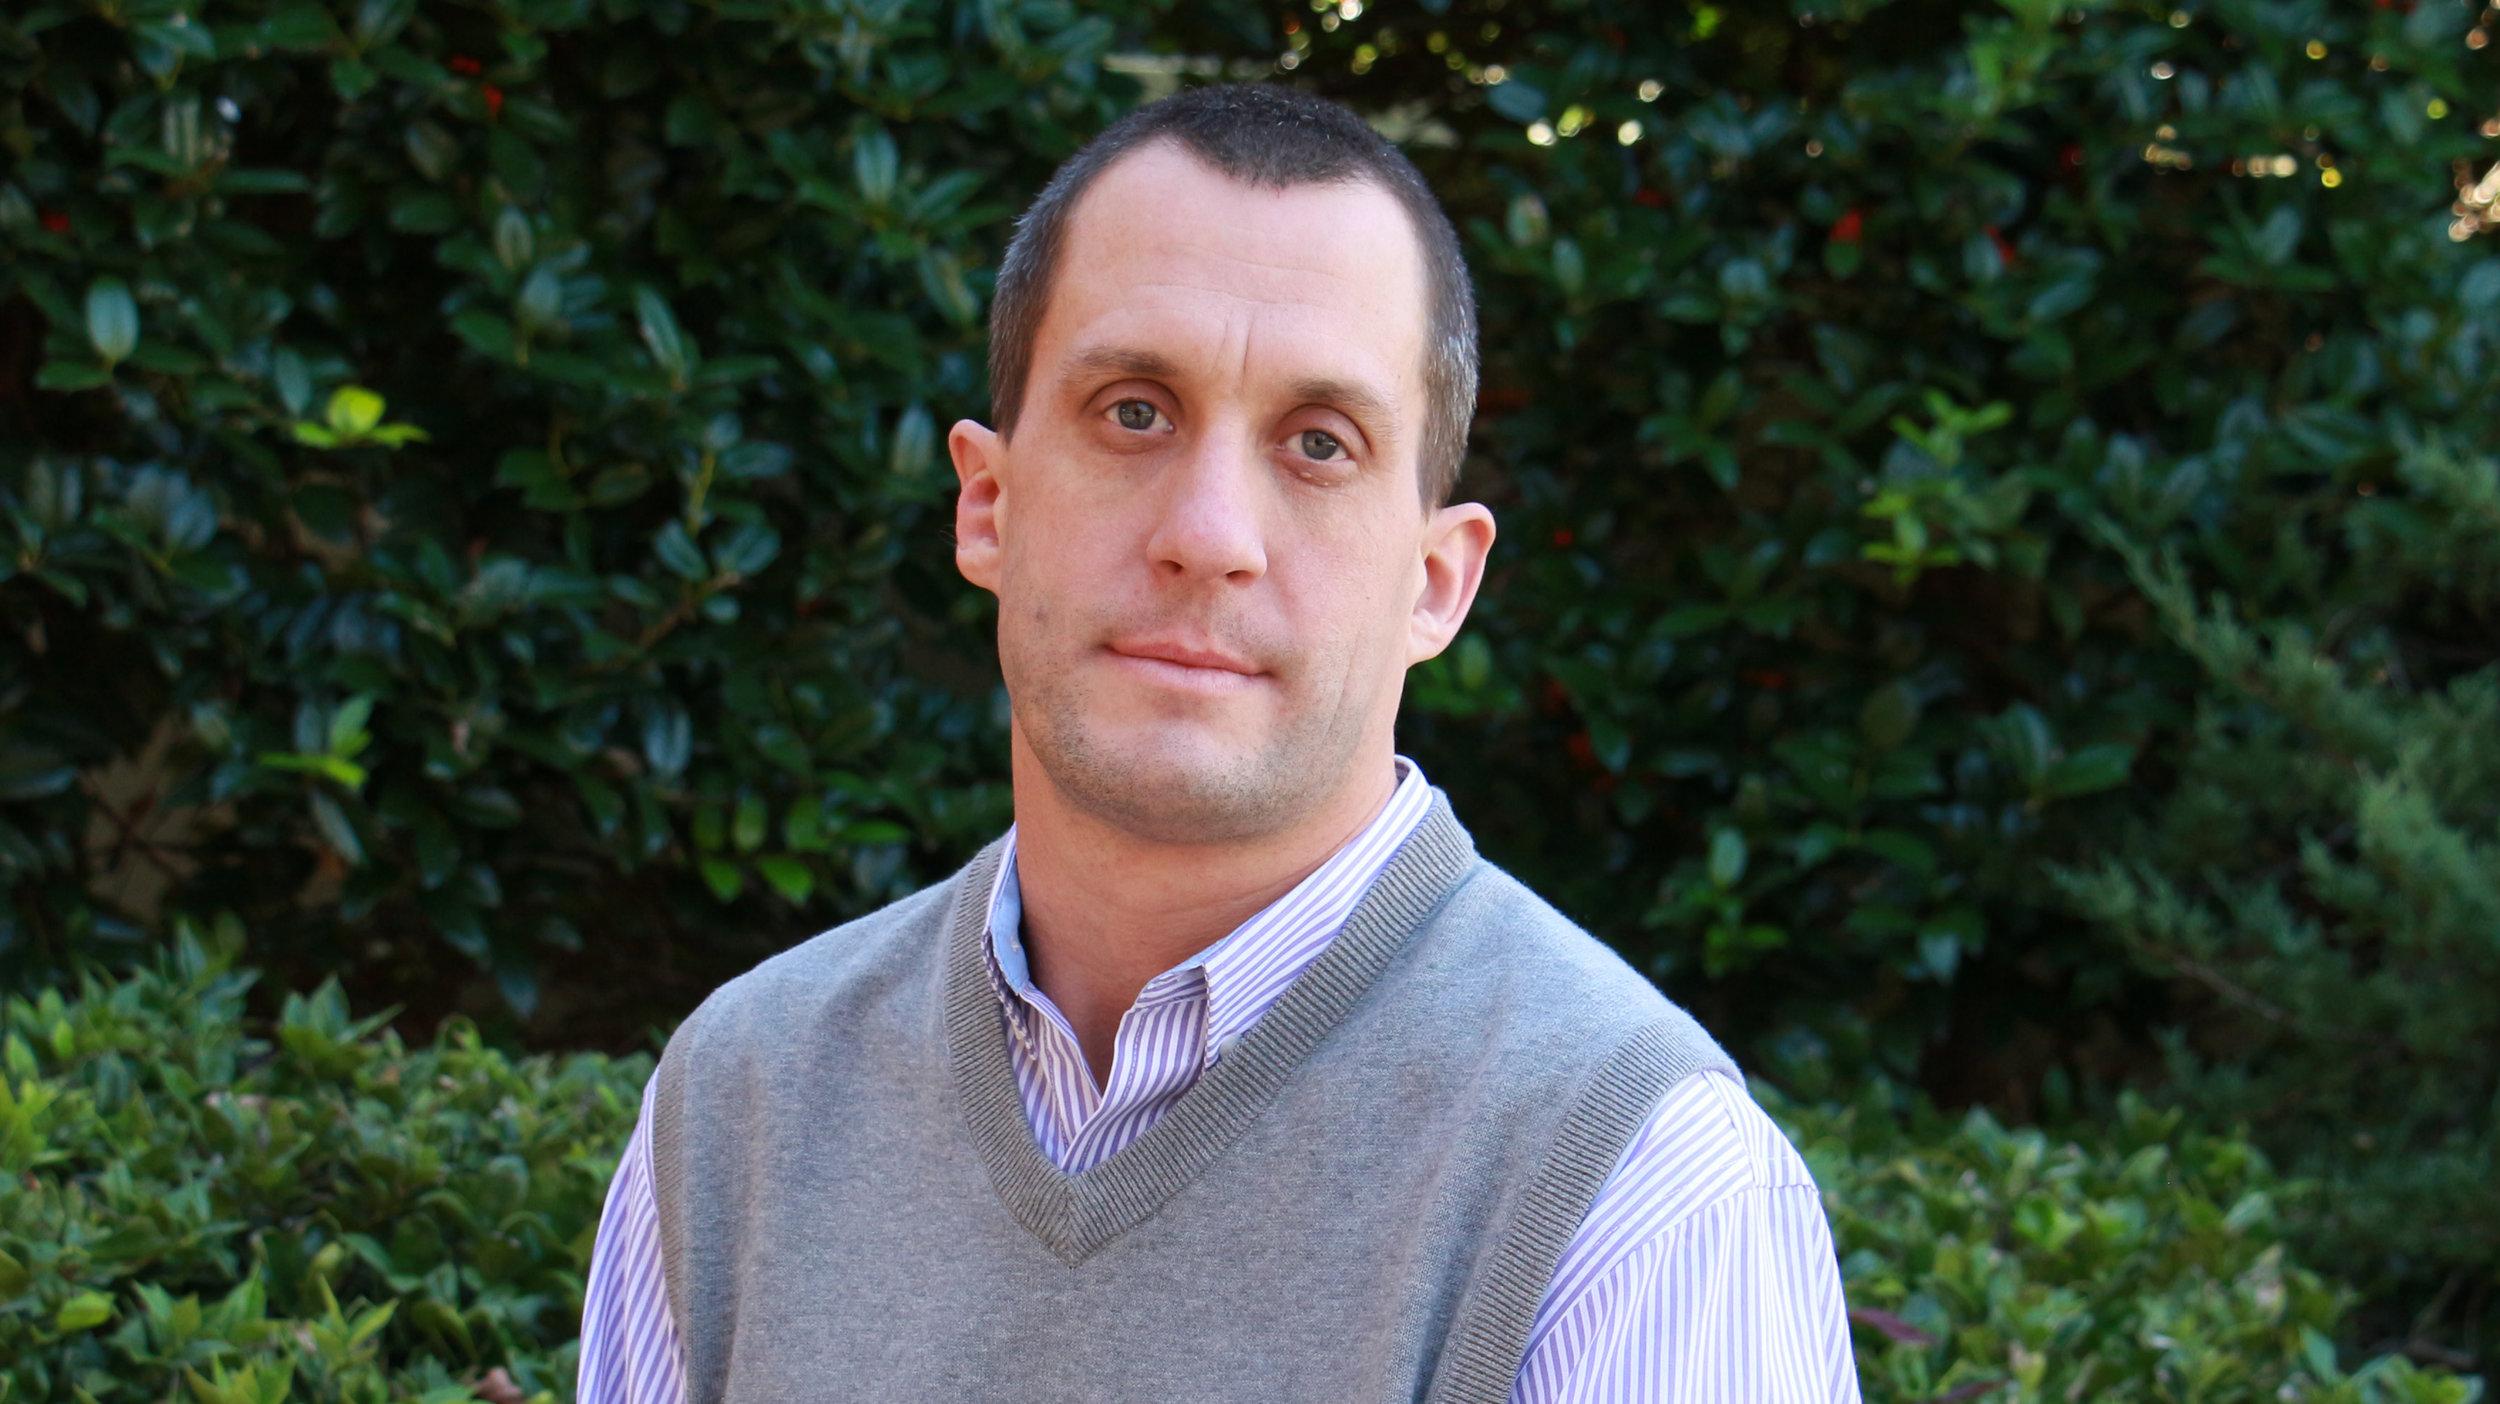 Eddie Dudderar, Assistant